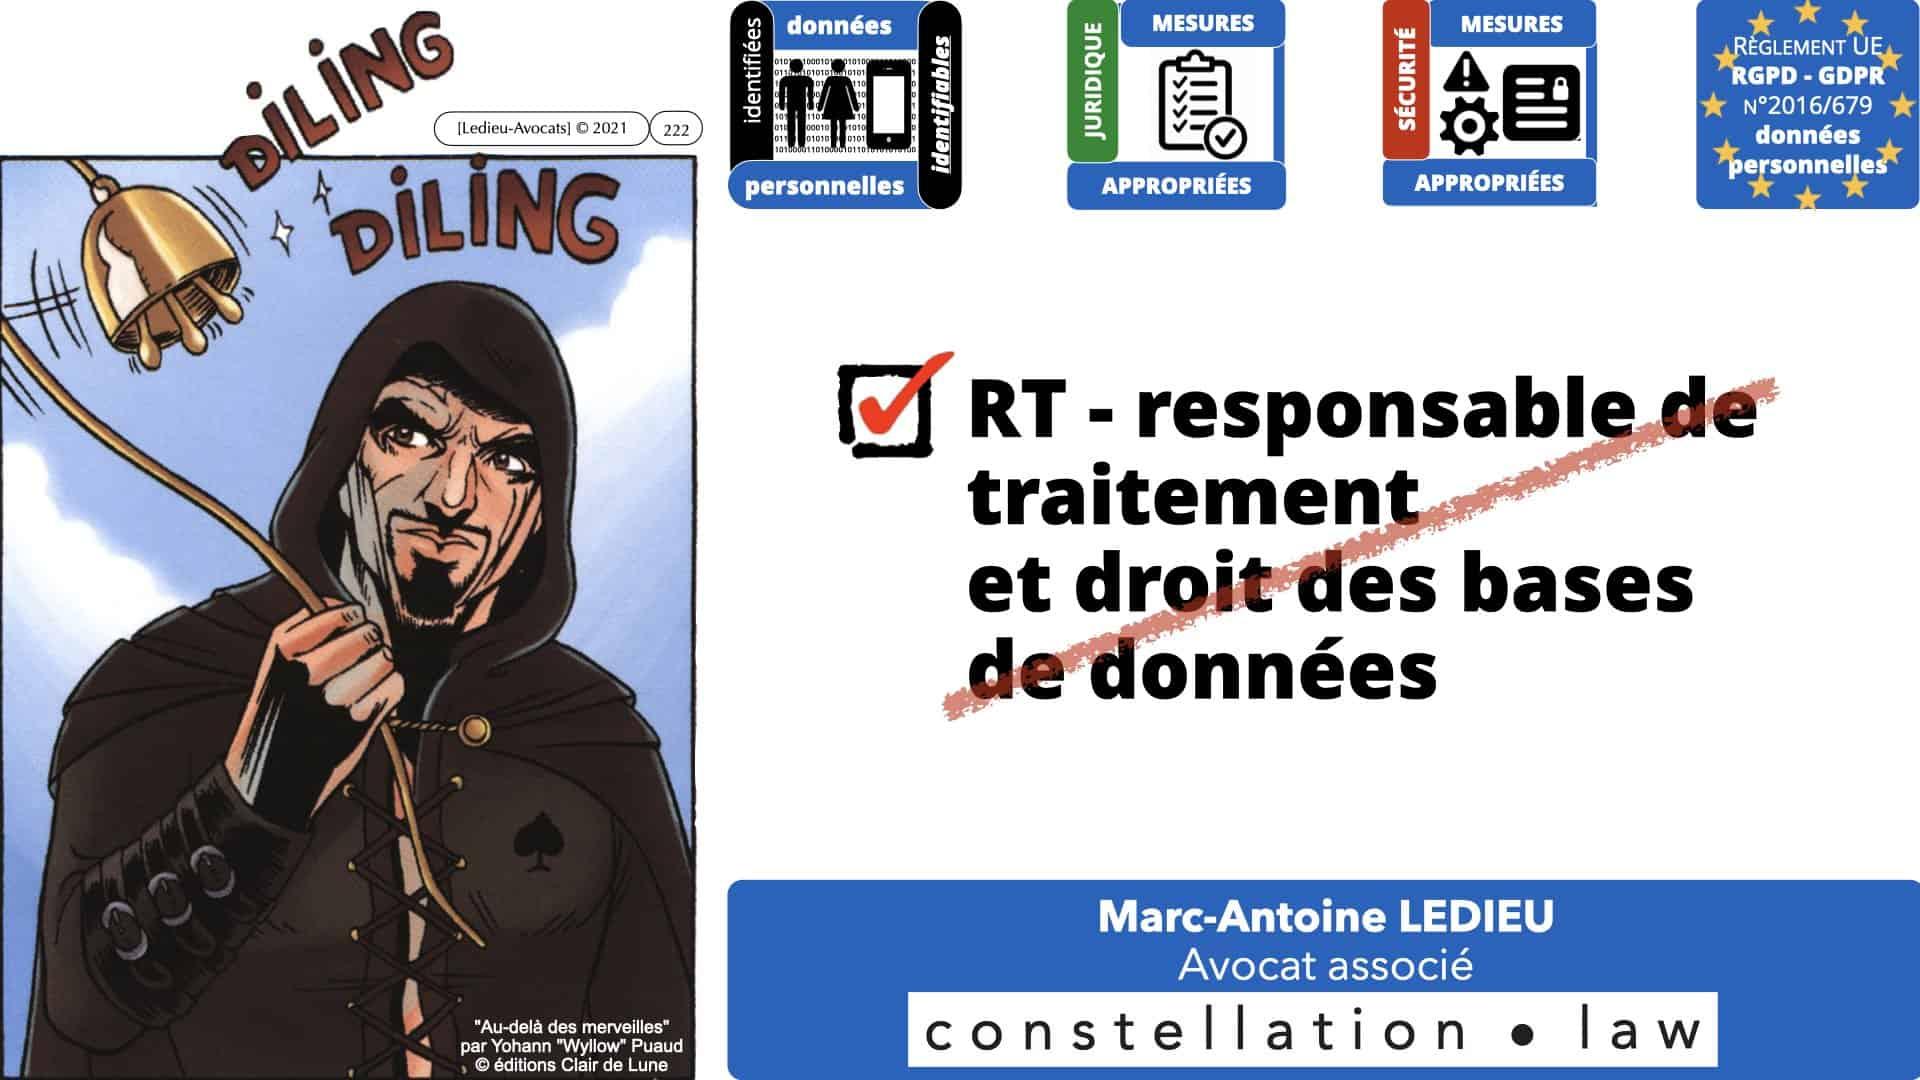 RGPD e-Privacy données personnelles jurisprudence formation Lamy Les Echos 10-02-2021 ©Ledieu-Avocats.222